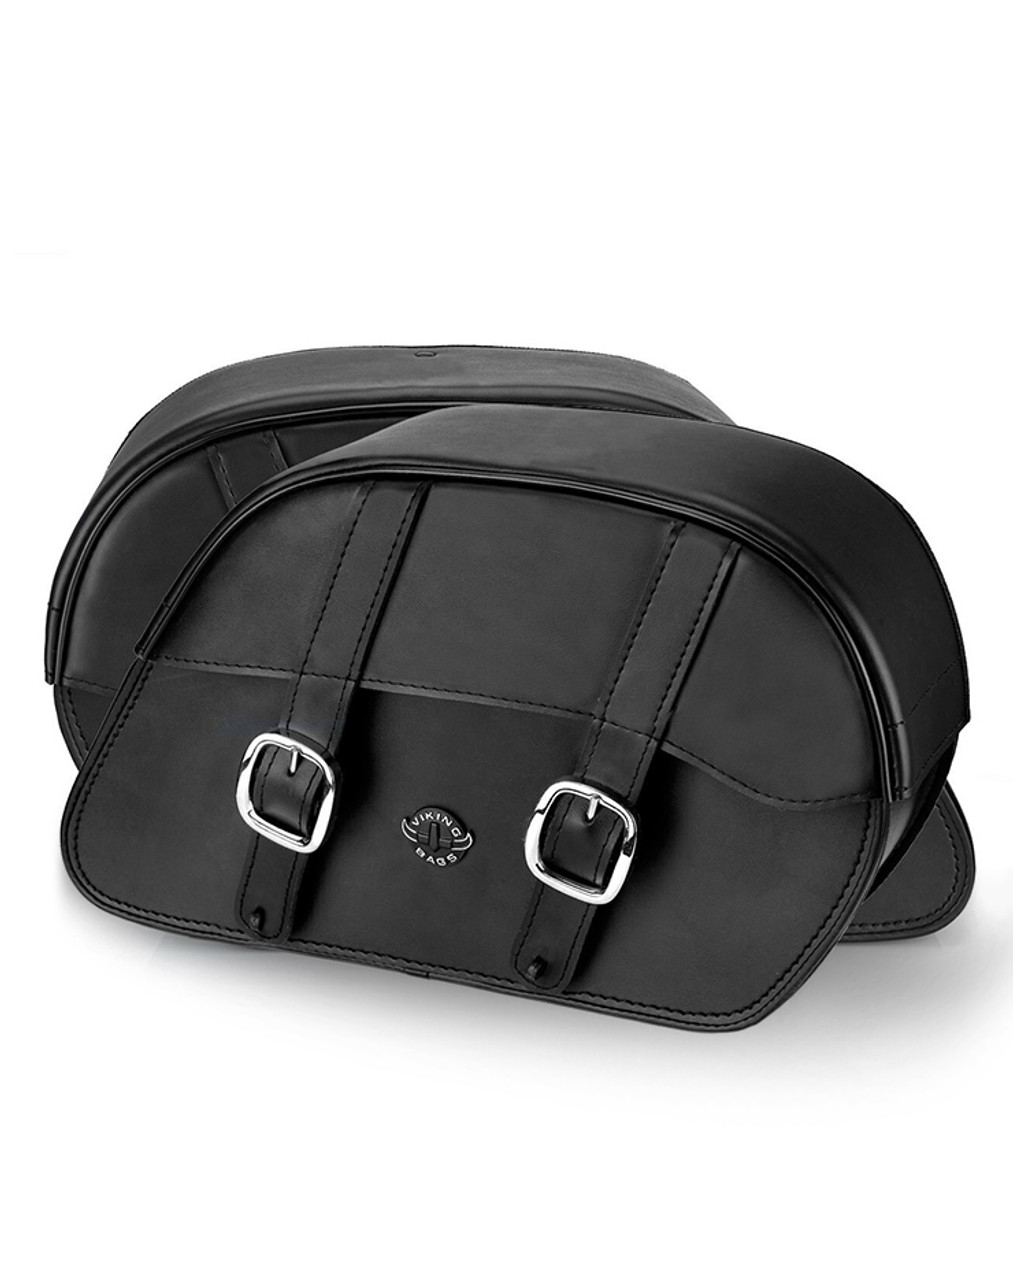 Boulevard C90, VL1500 Medium Slanted Saddlebags Both Bags view